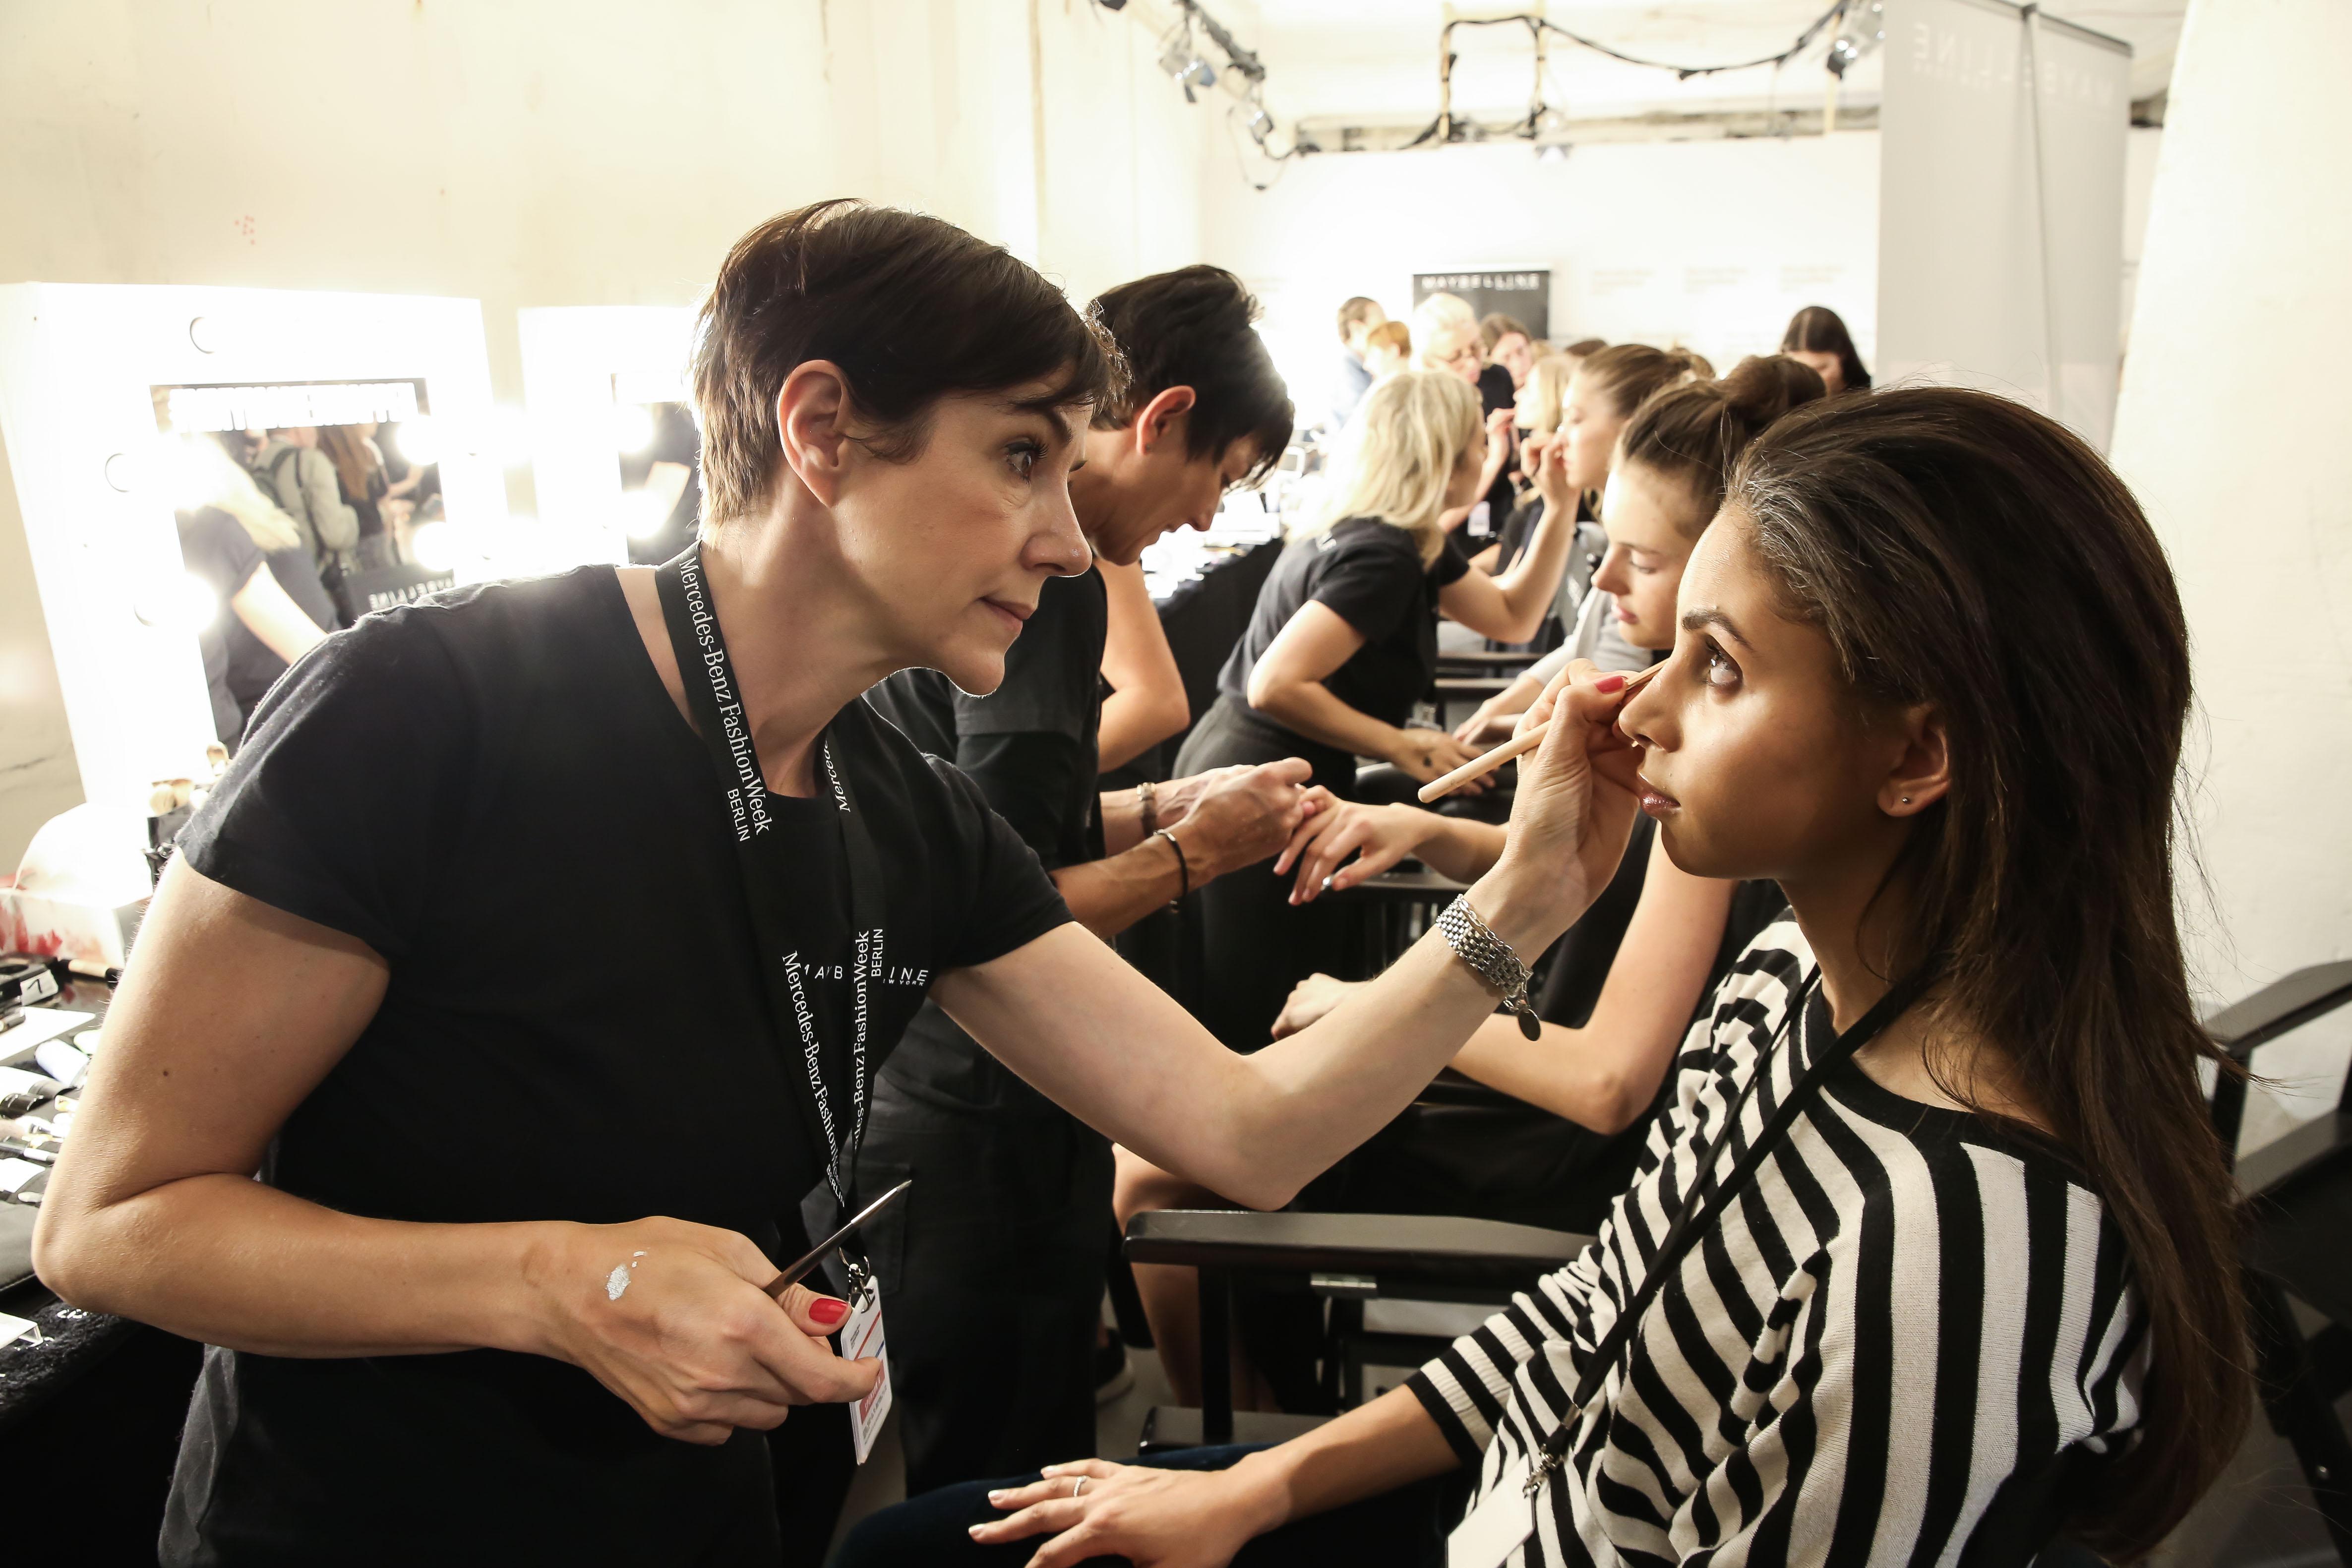 Backstage zur Berlin Fashionweek im Kaufhaus Jandorf, Juli 2017.